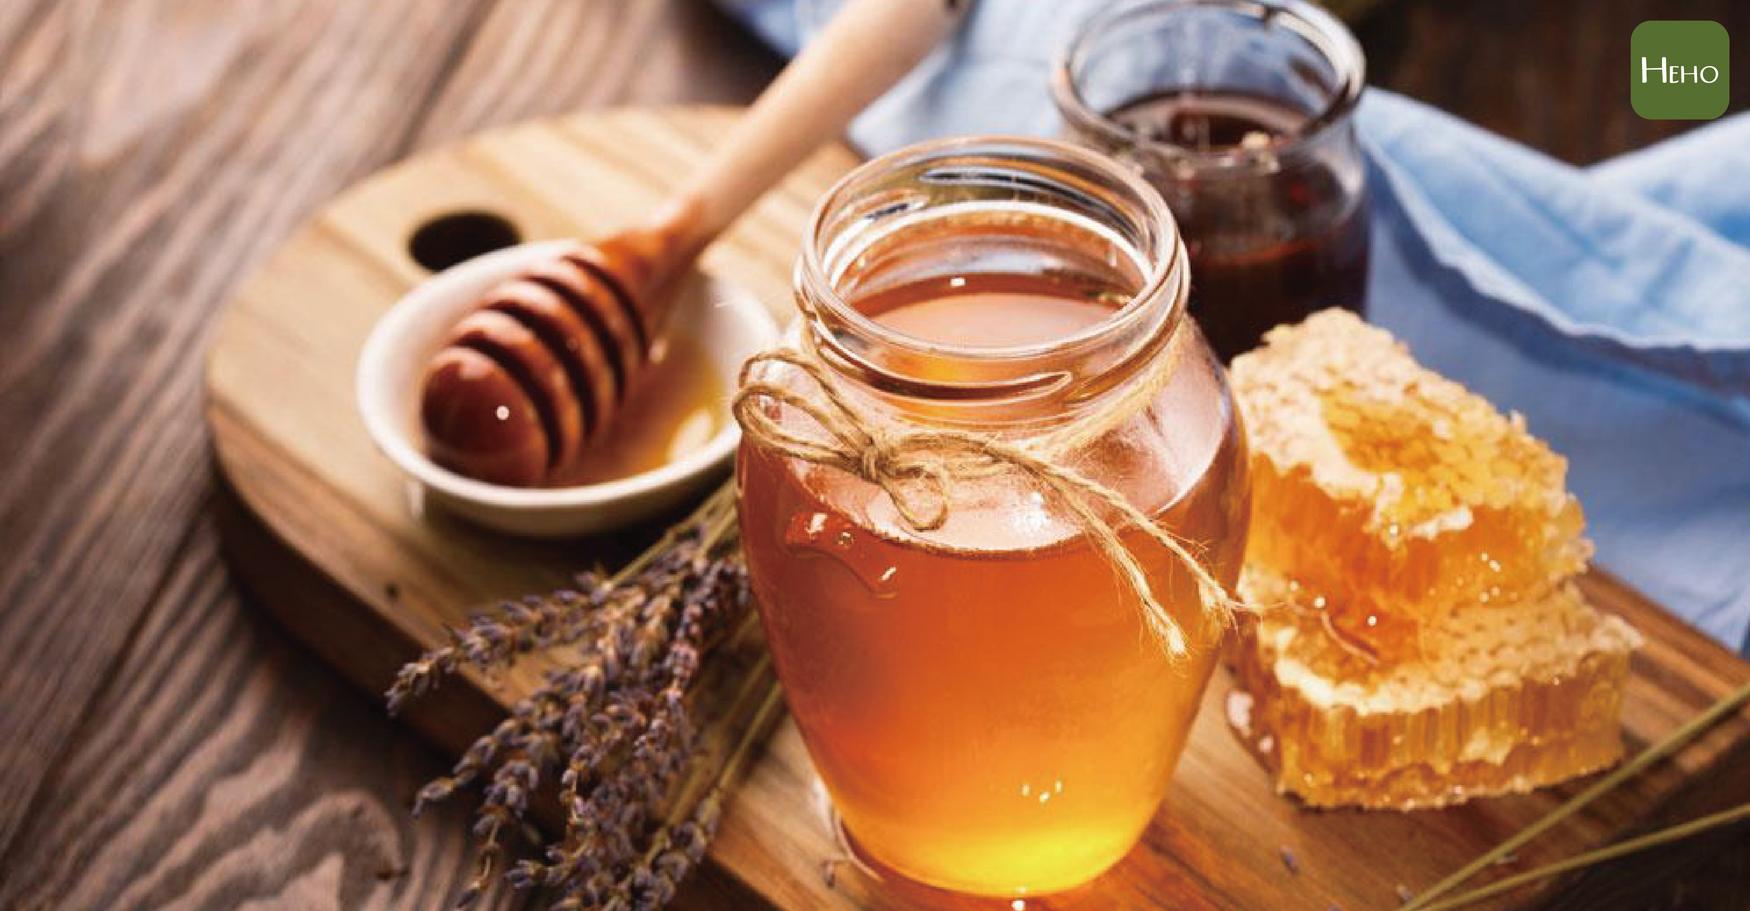 自製蜂蜜水多喝多有益?這4種人千萬不能喝